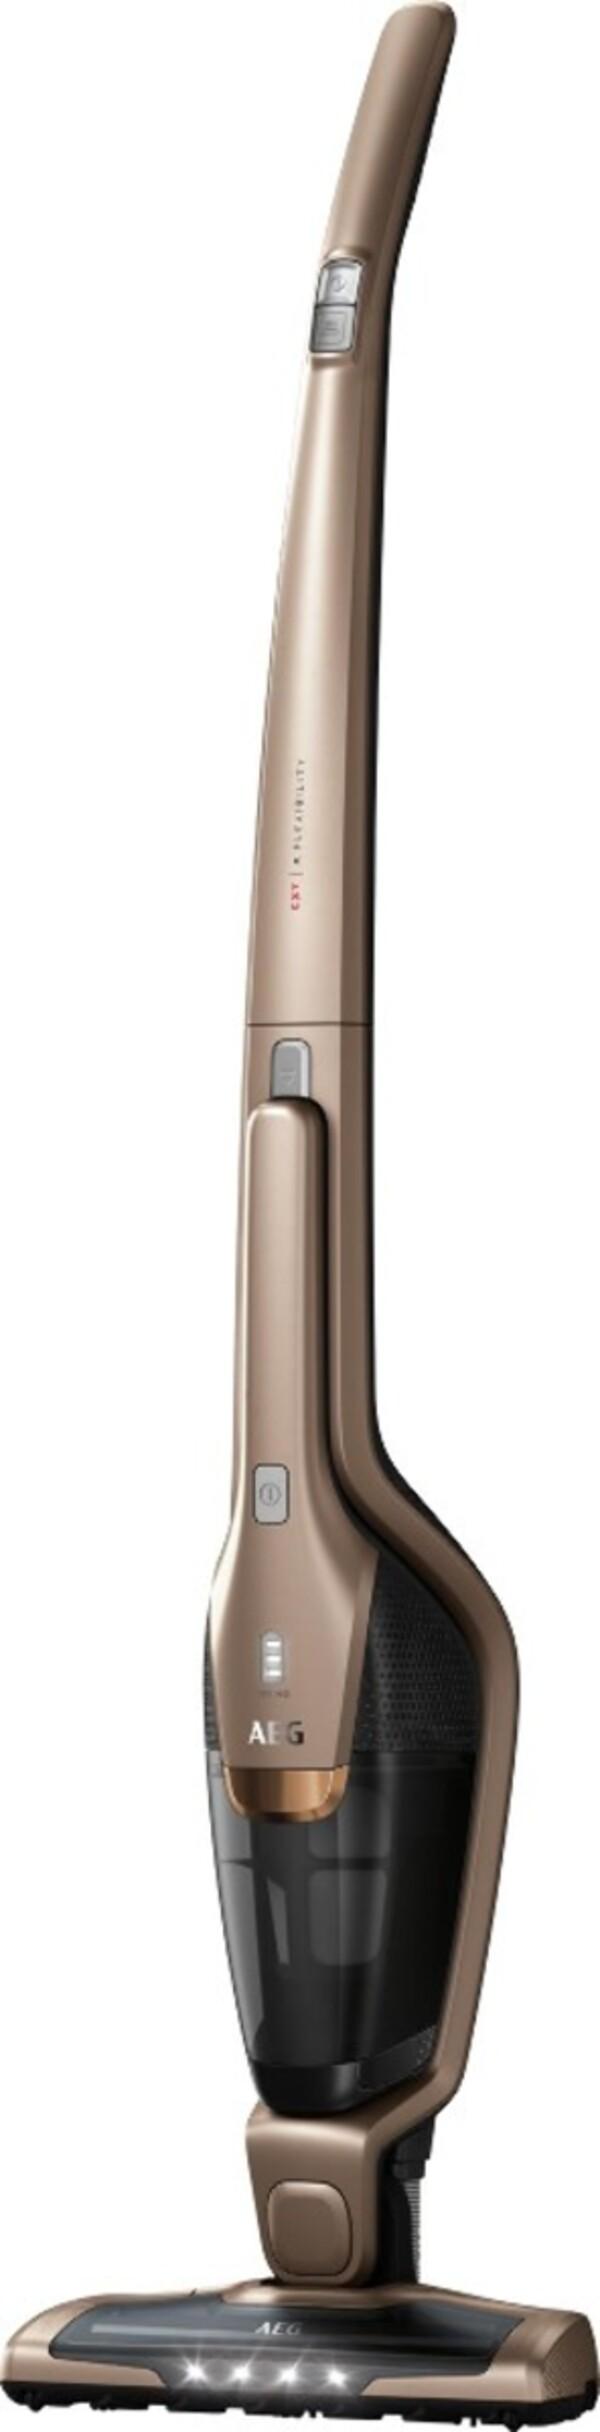 AEG CX7-2-S360 Akku-Handstaubsauger mit Stiel (kabellos, beutellos, 2-in-1, Lithium HD Power Akku, 0,5 Liter Staubbehältervolumen, 180°-EasySteer™-Manövrierbarkeit, Deep Clean)